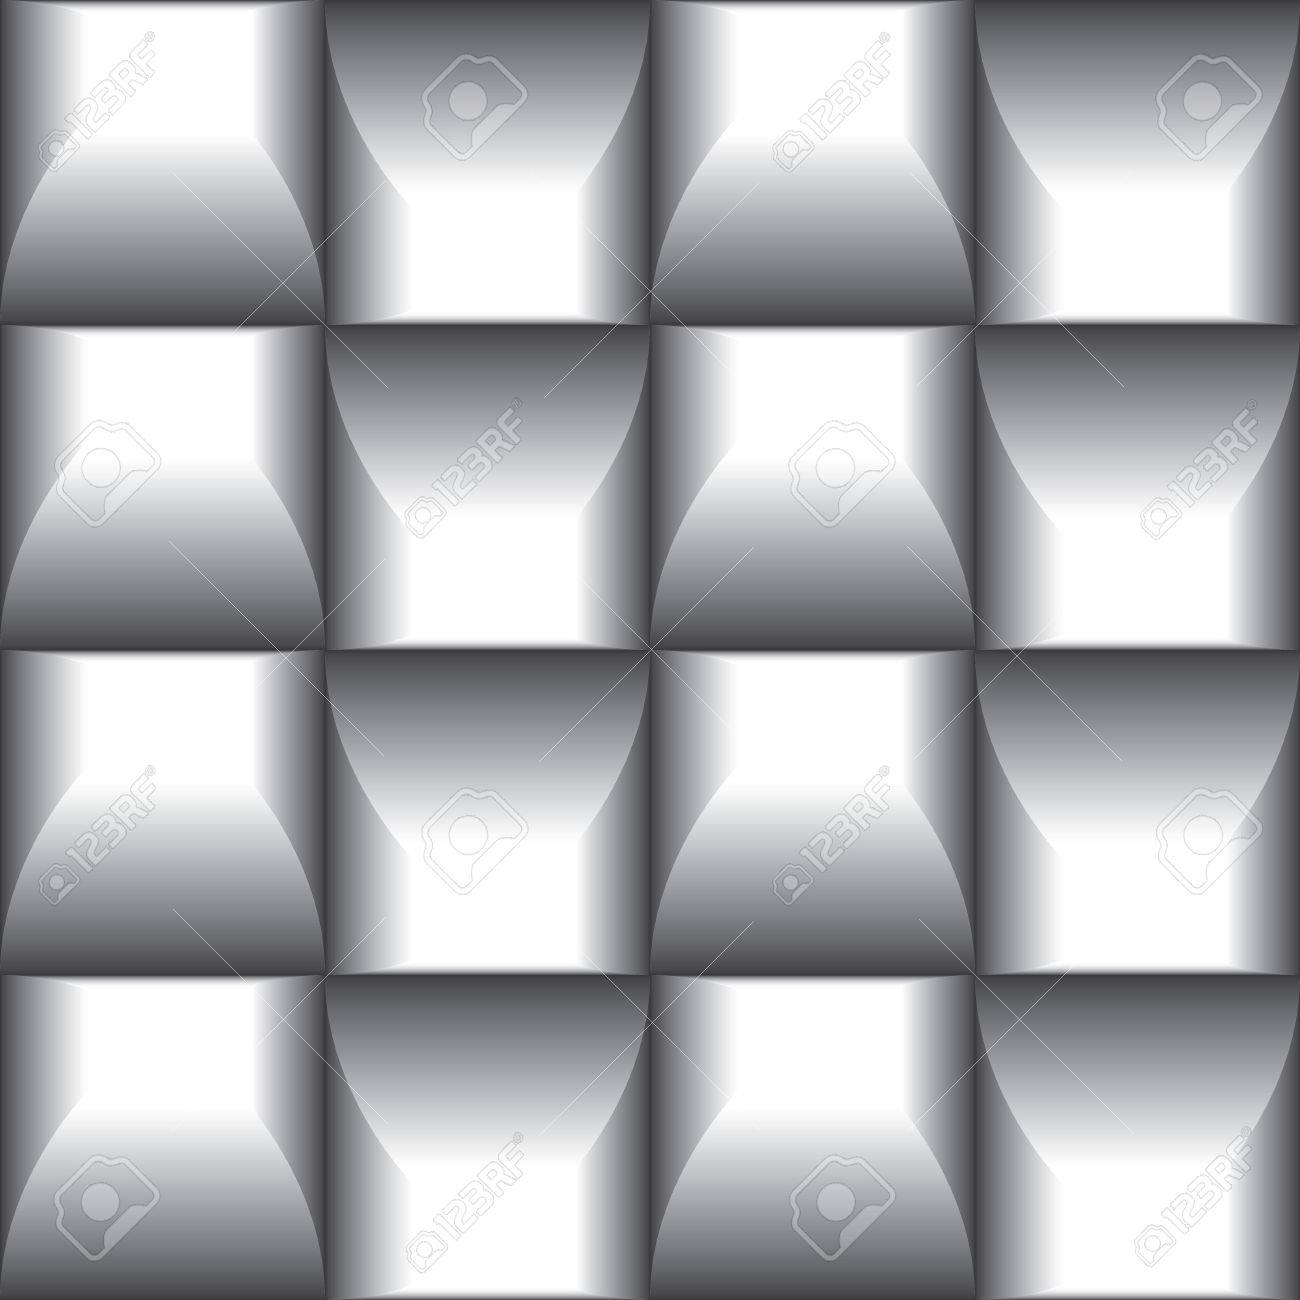 Patrón De Paneles Decorativos. Gráfico Textura Elegante. Vector ...